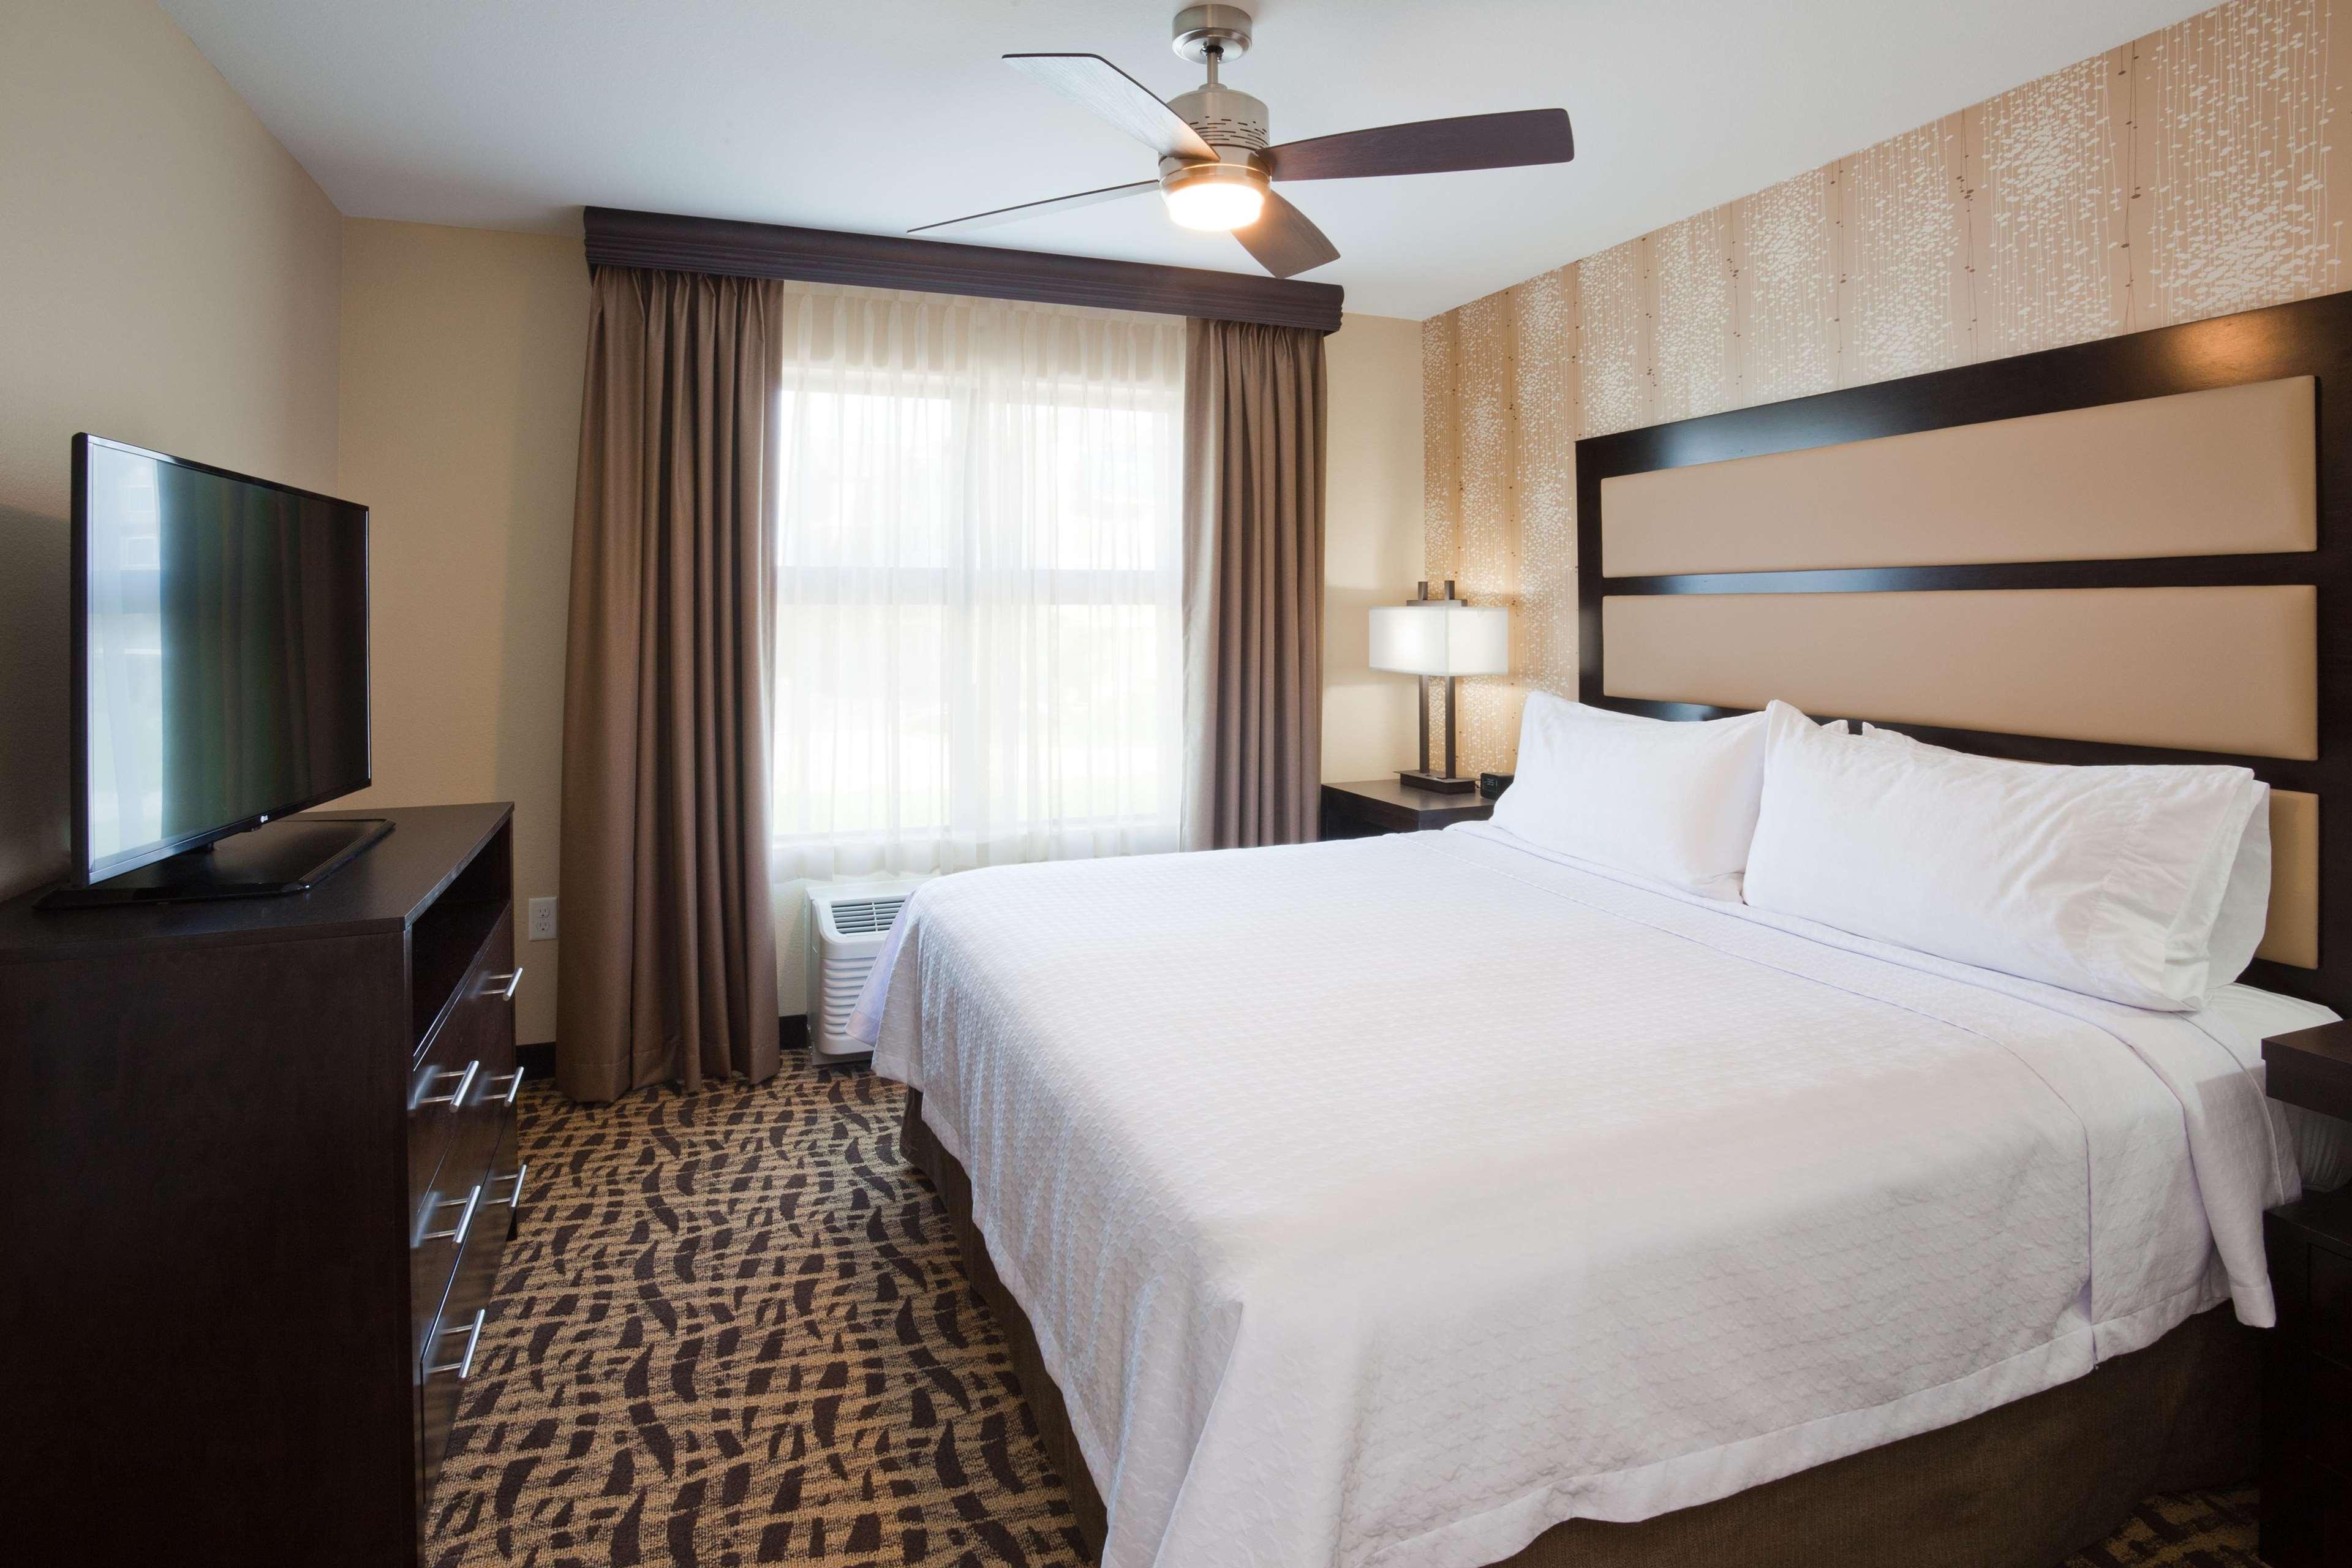 Homewood Suites by Hilton Davenport image 6